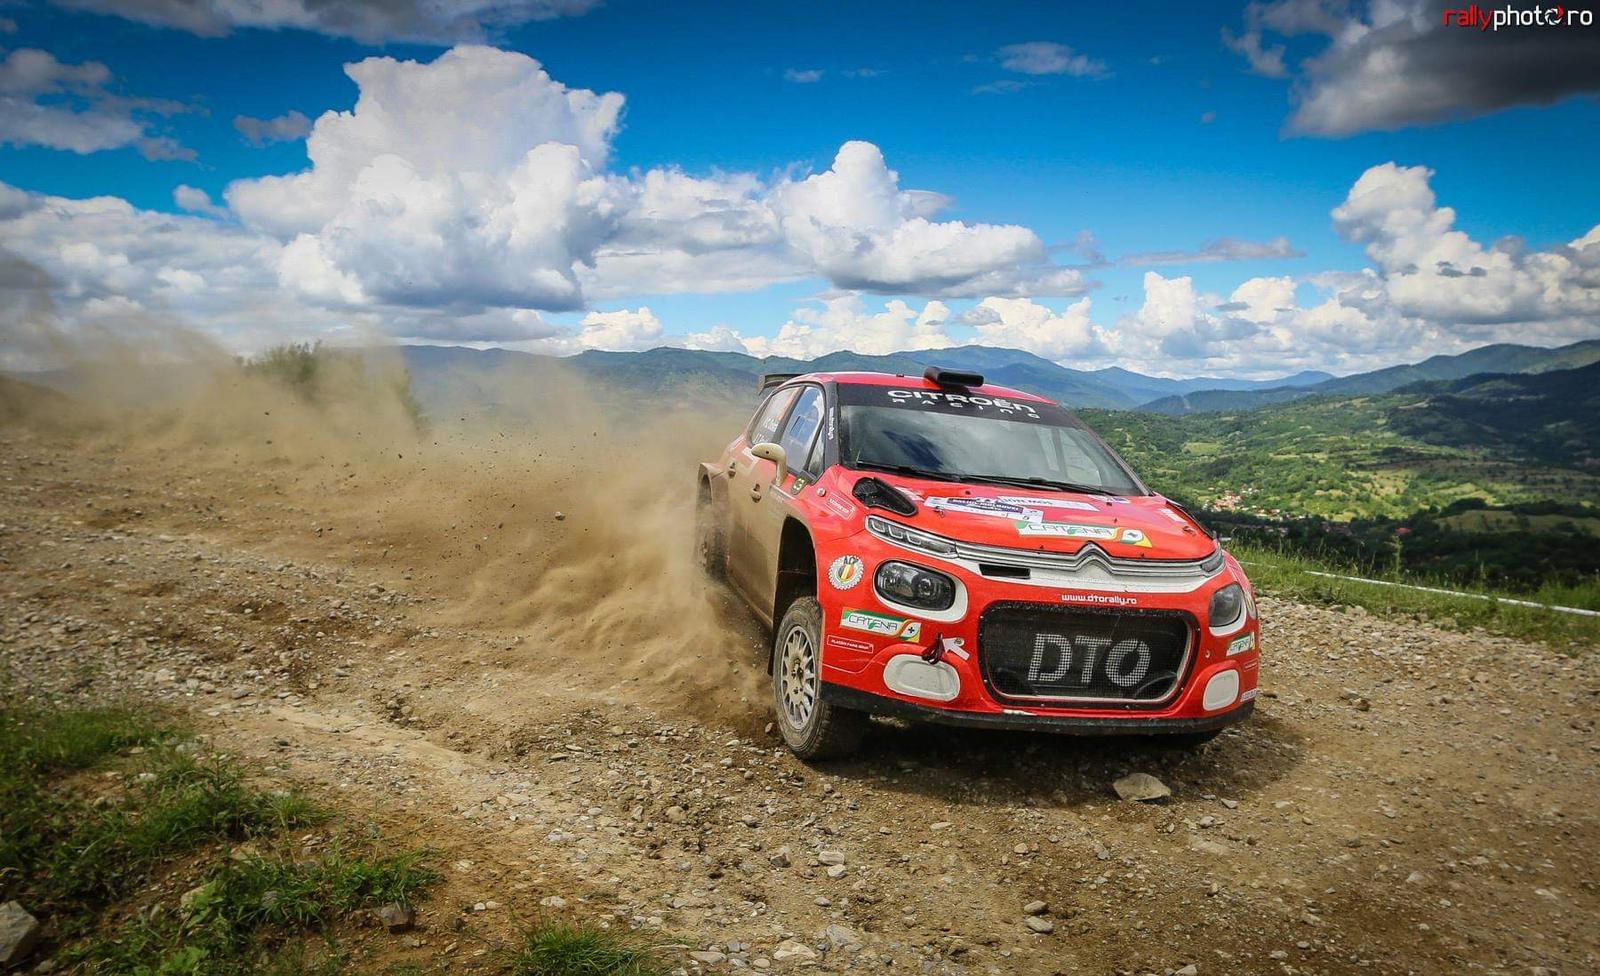 DTO Rally Team înfruntă probele legendare de macadam ale Raliului Sibiului